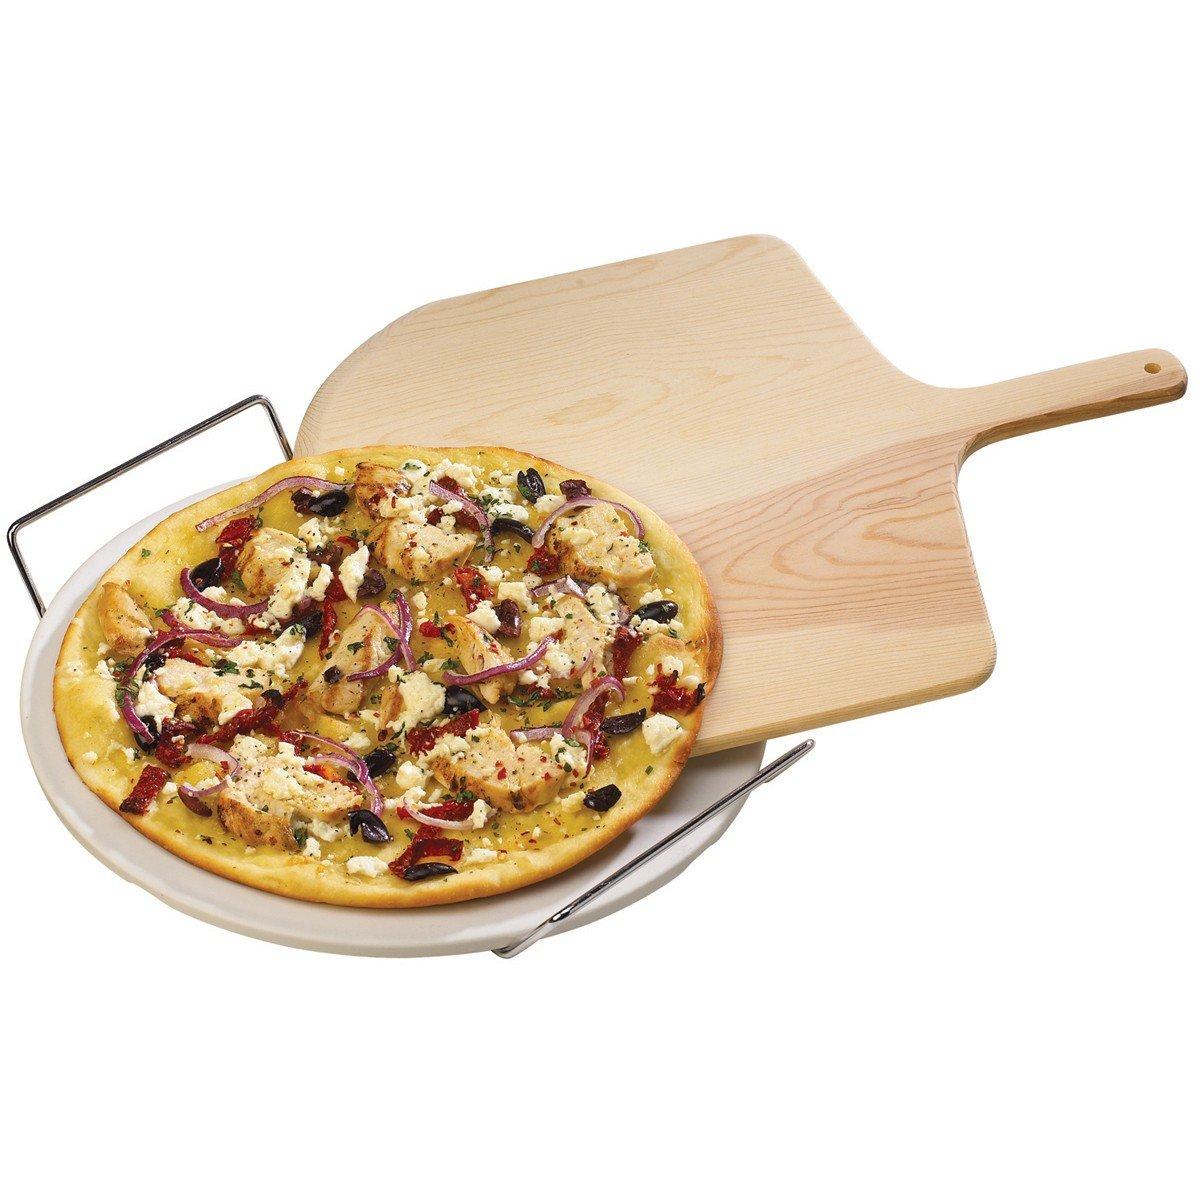 GRILLPRO Pizzastein-Set 3-teilig günstig kaufen